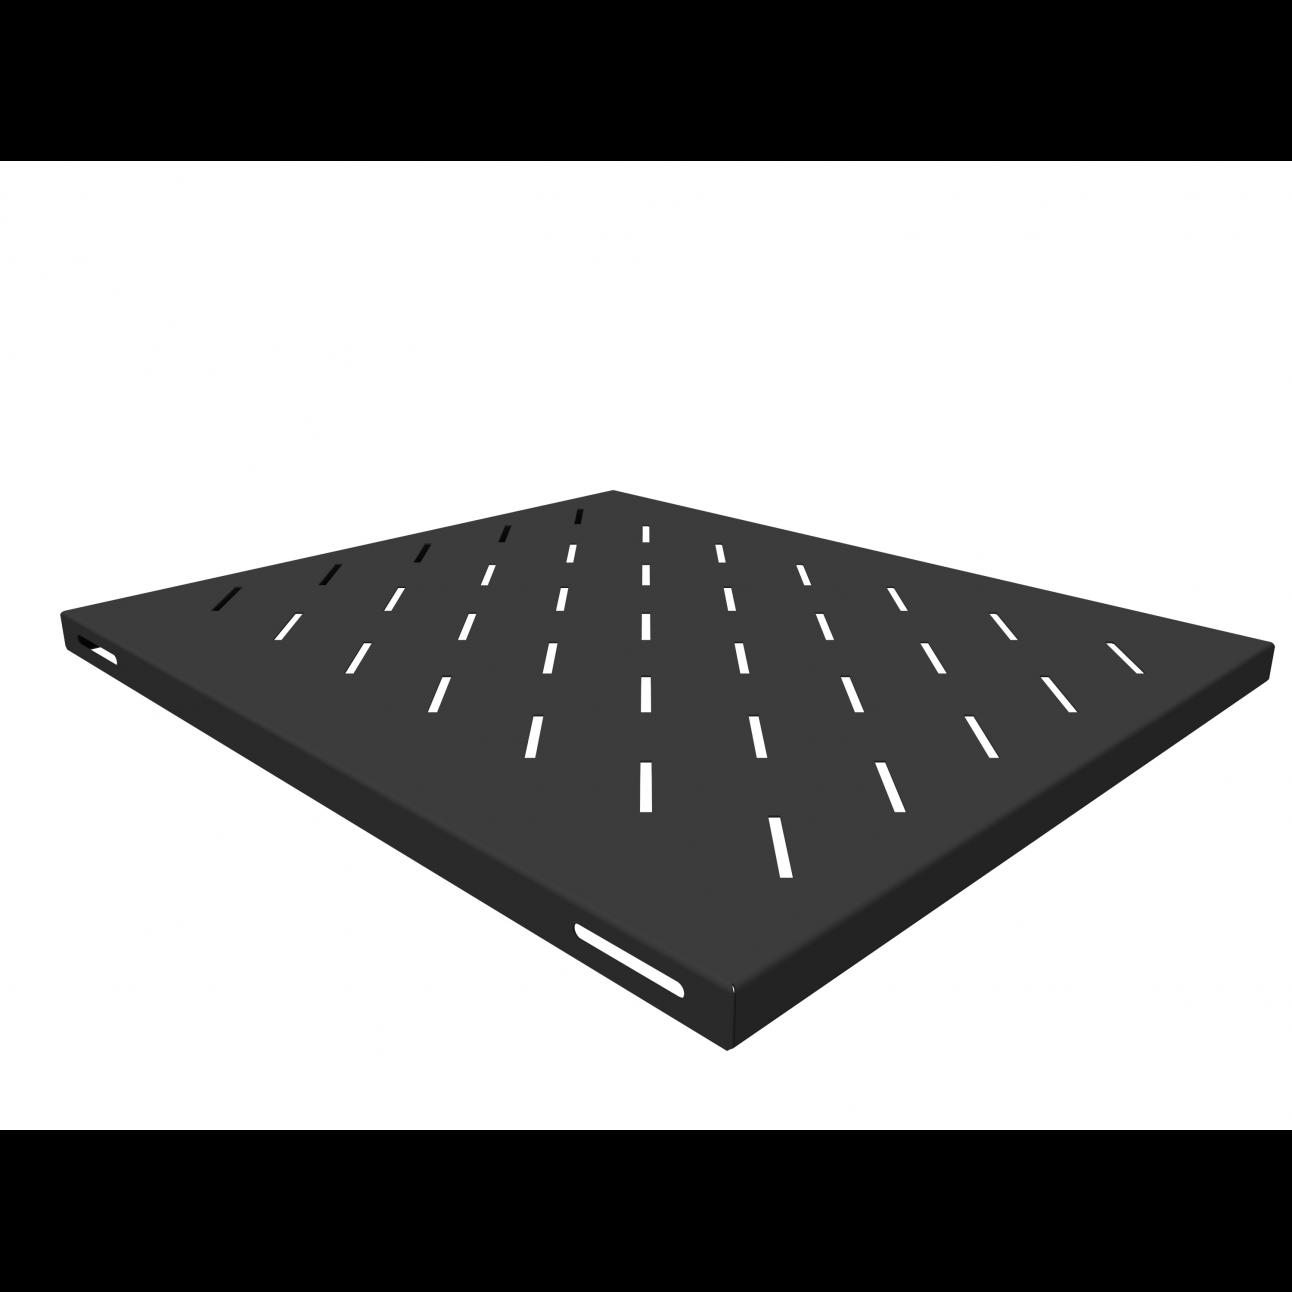 Полка стационарная для шкафов глубиной 800мм, (глубина полки 550мм) распределенная нагрузка 20кг, цвет-черный (SNR-SHELF-08055-20B)